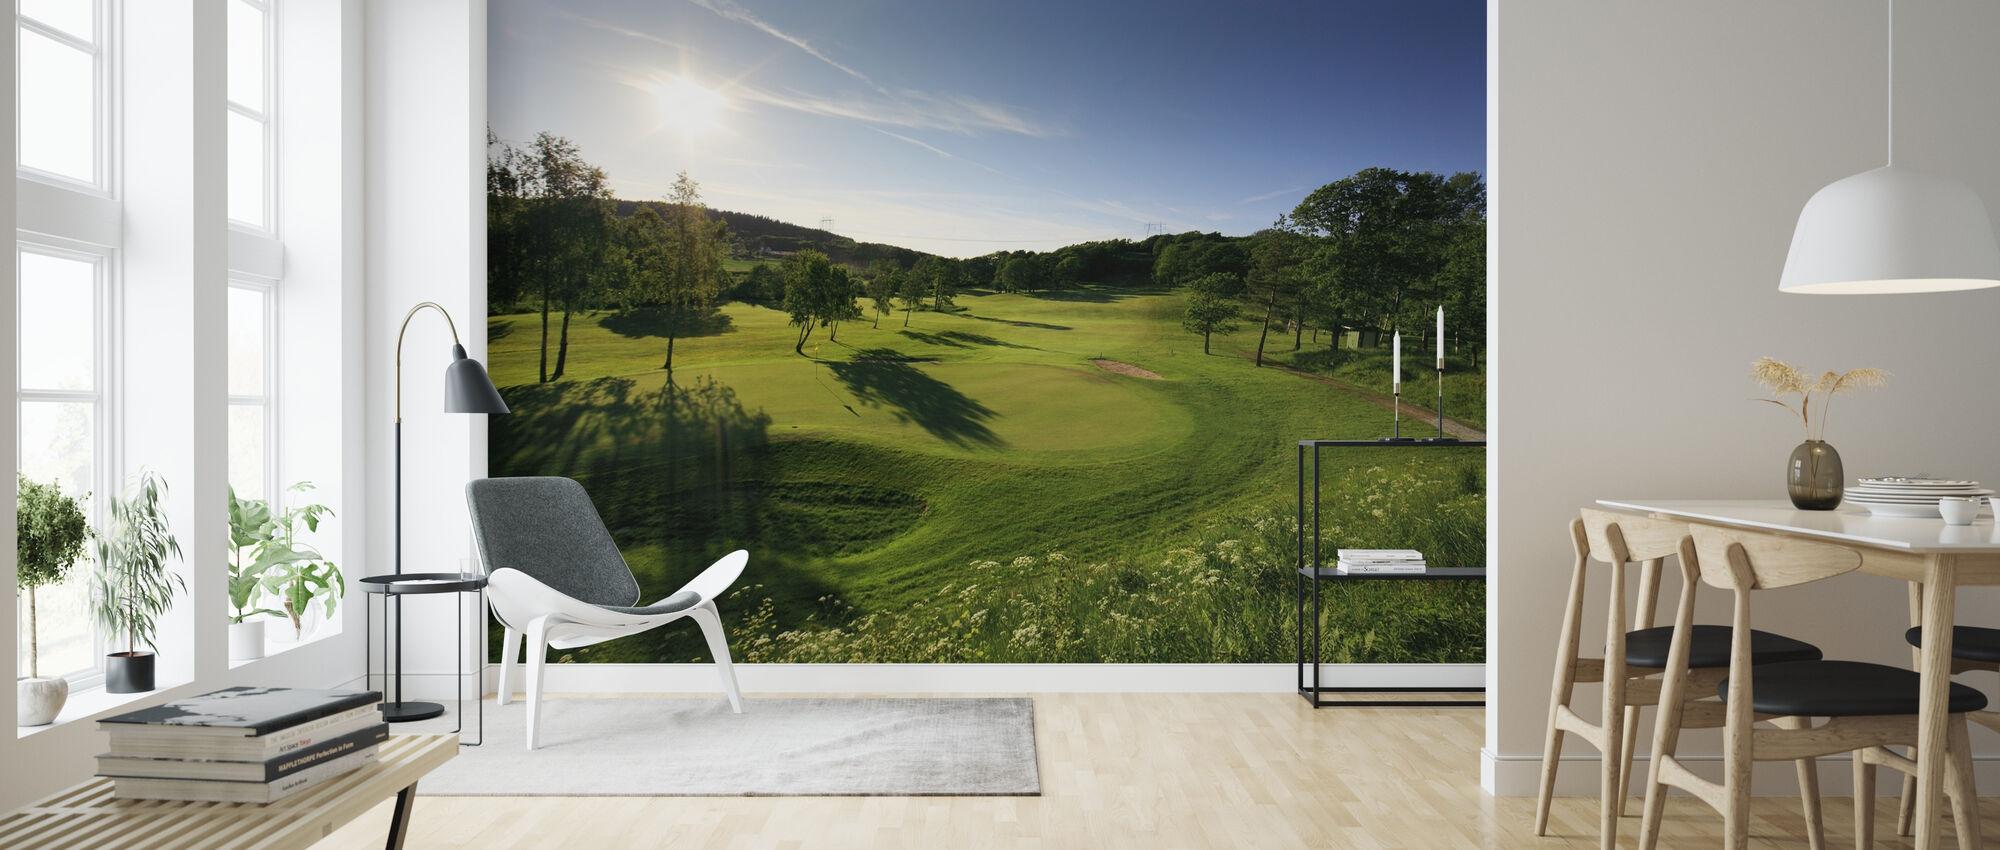 Golfbane i Göteborg, Sverige - Tapet - Stue